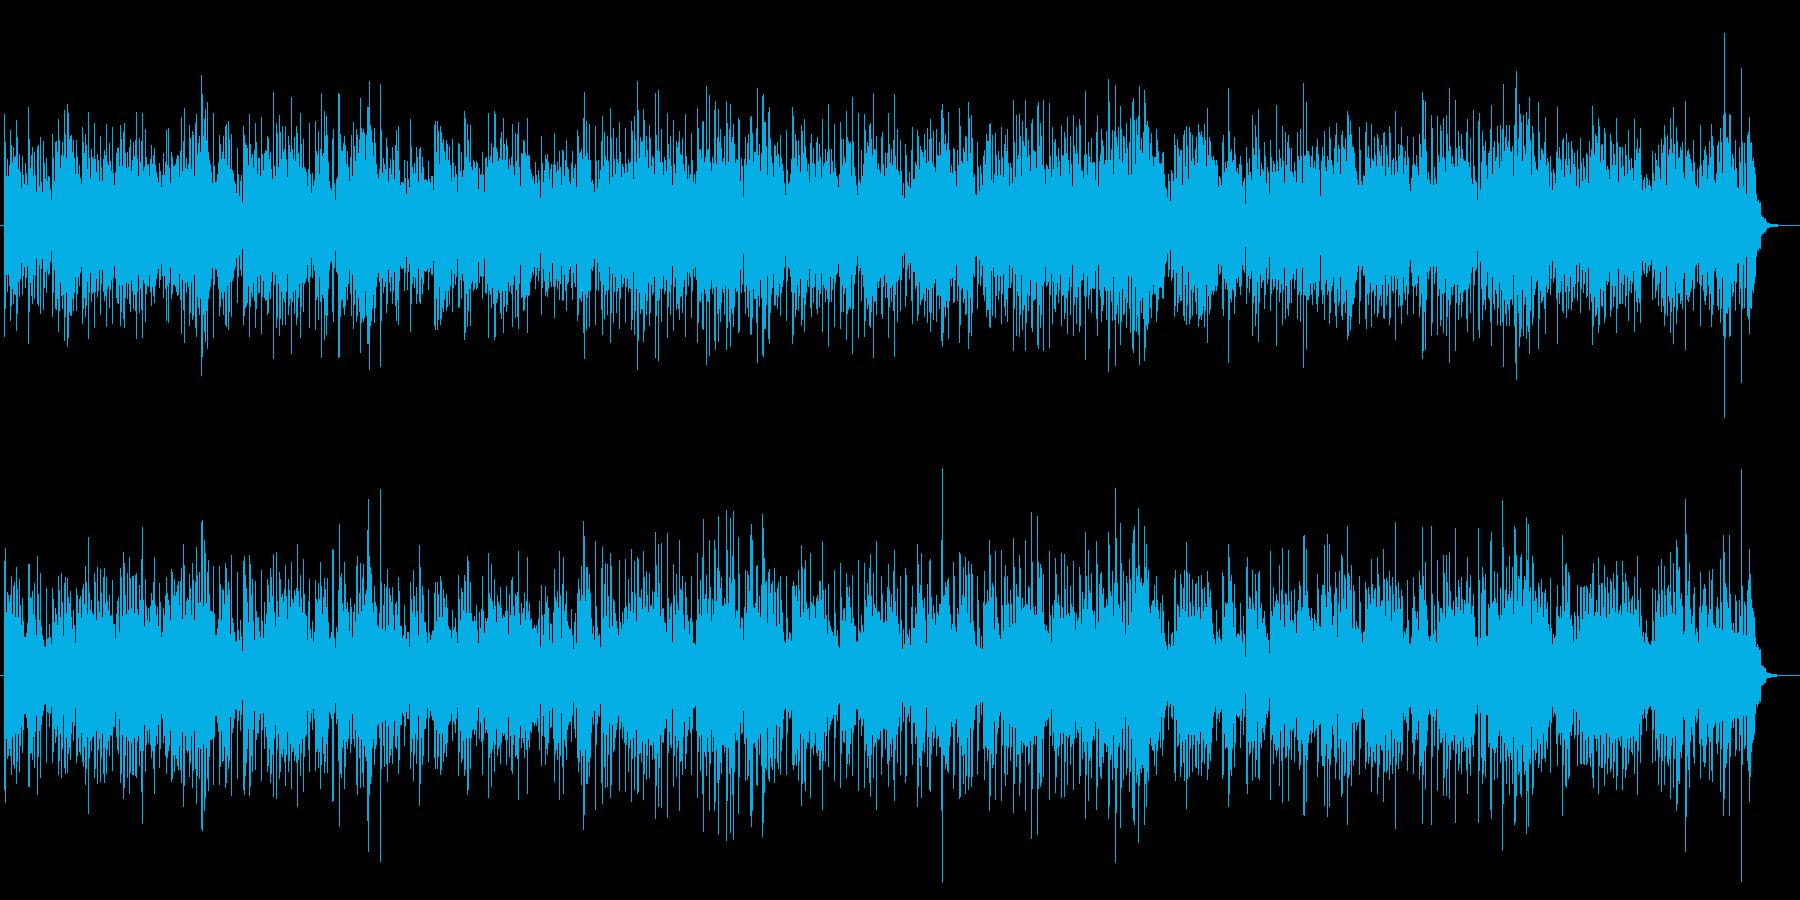 明るいフィーリングのポップスの再生済みの波形